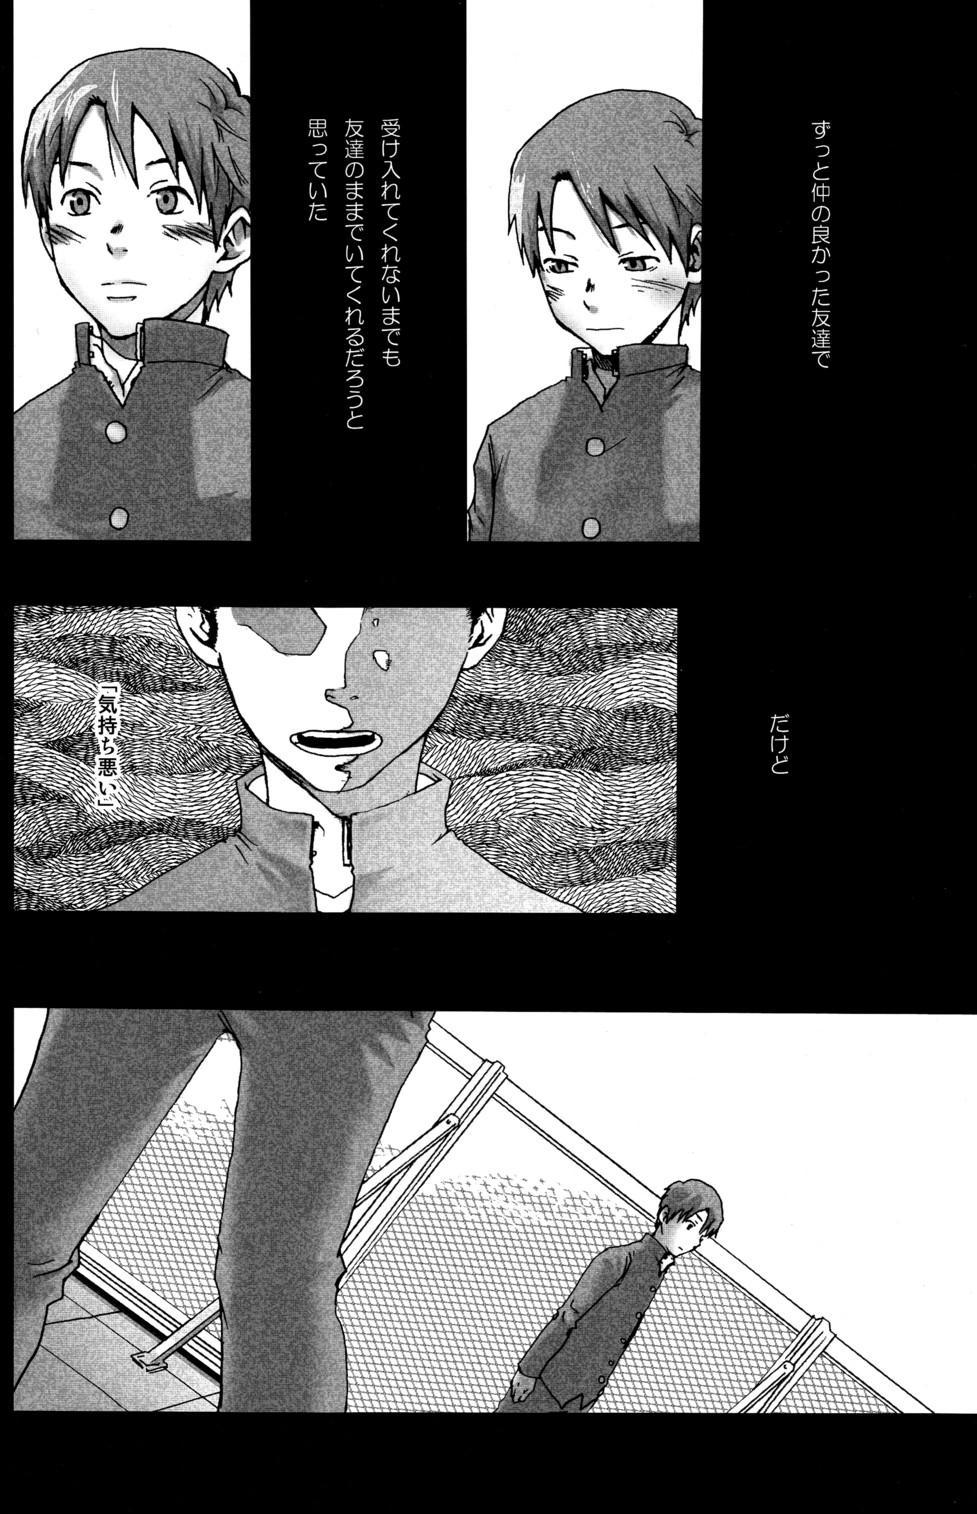 Tsukumo Gou (BOX) - Mada Tayutau Mizu ha 6